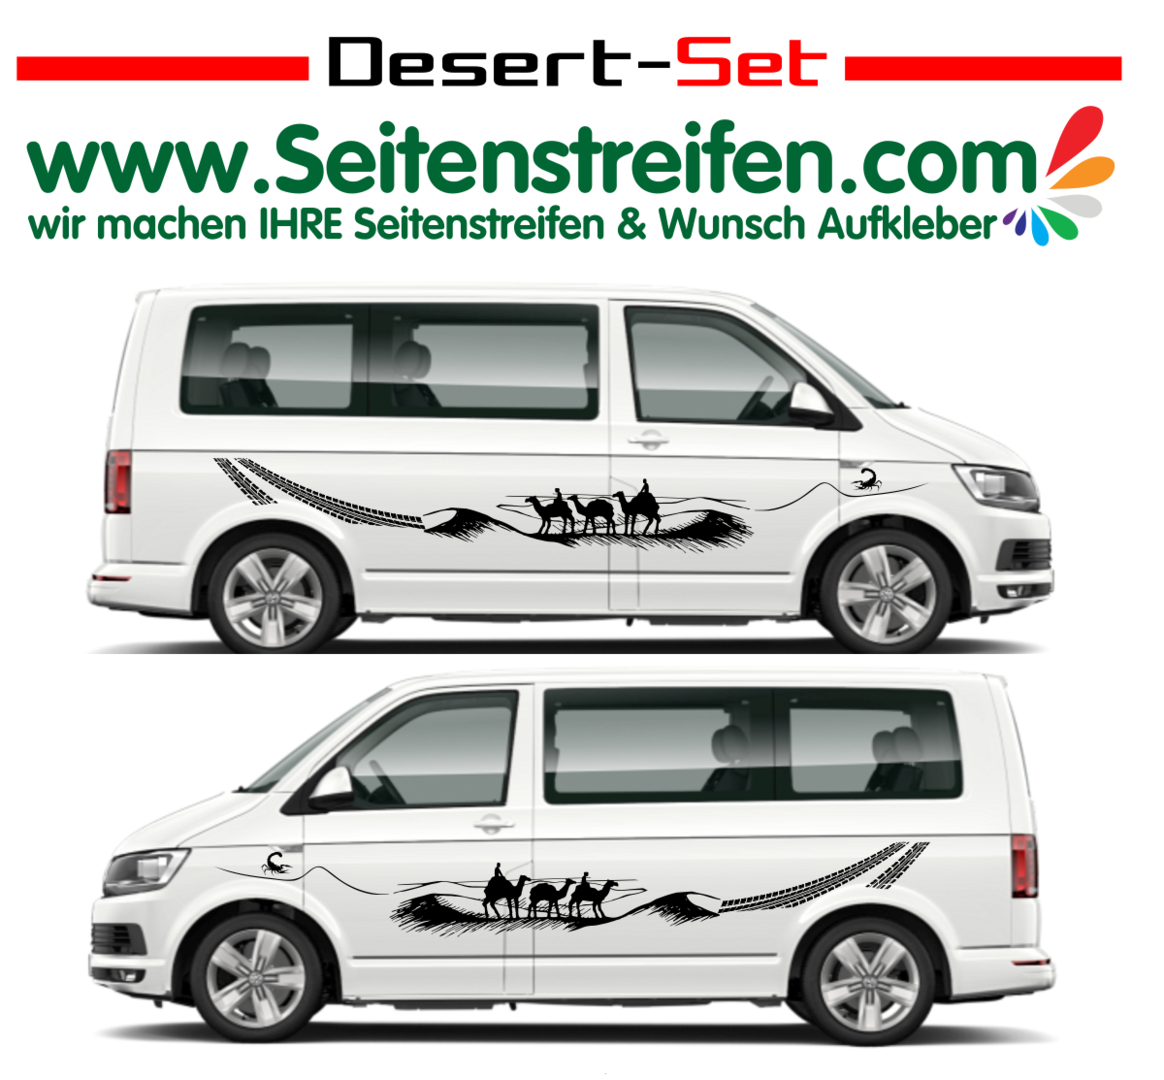 Desert set vw t6 vorlage shop png